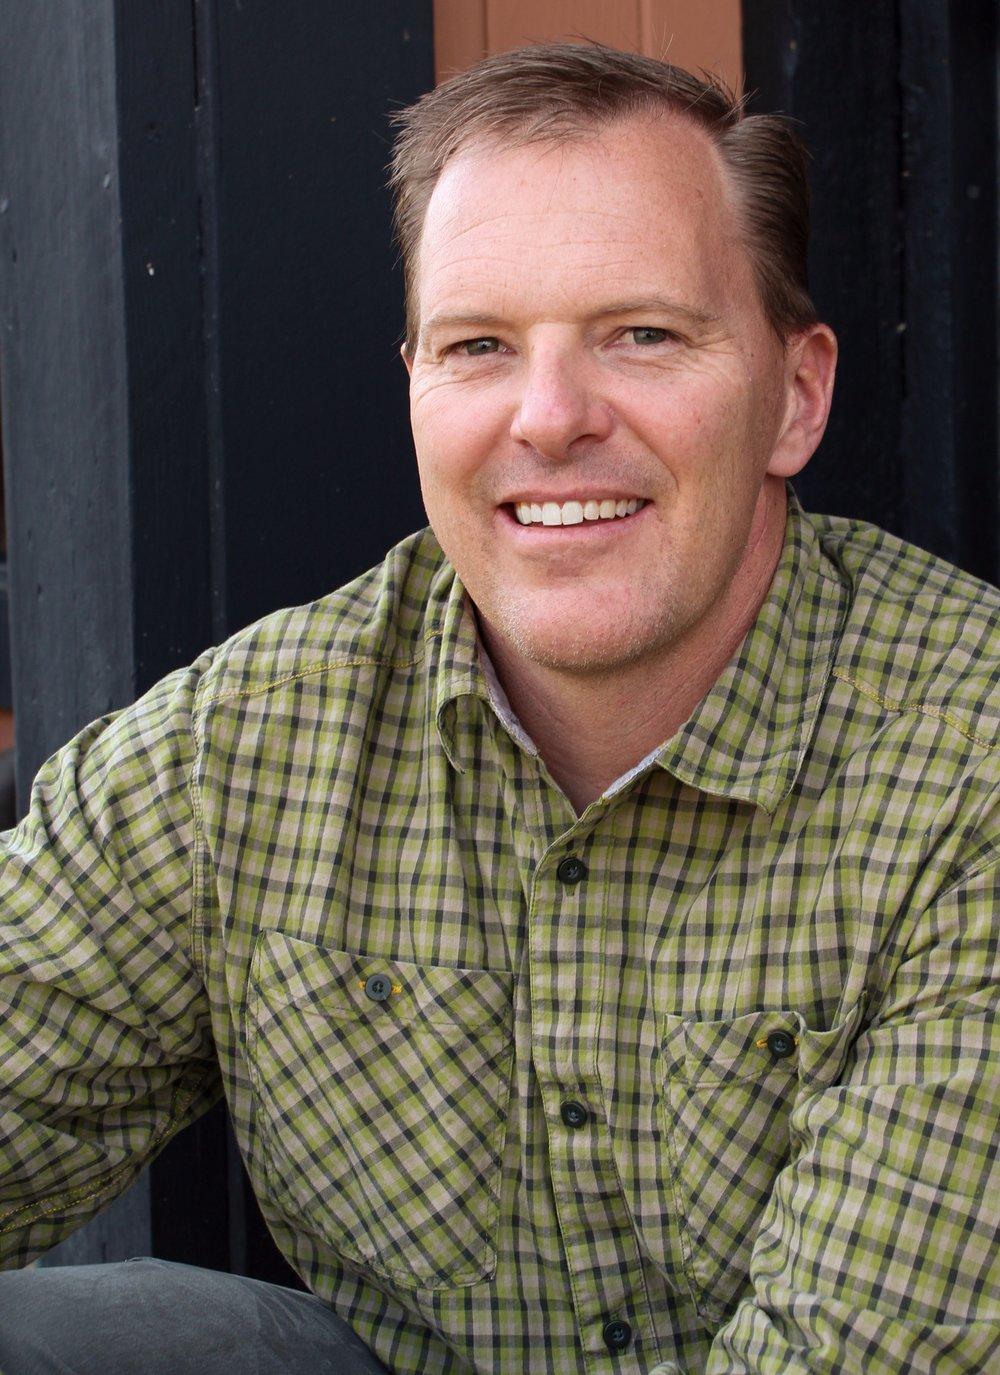 Dr. Chris Peterson - DDS